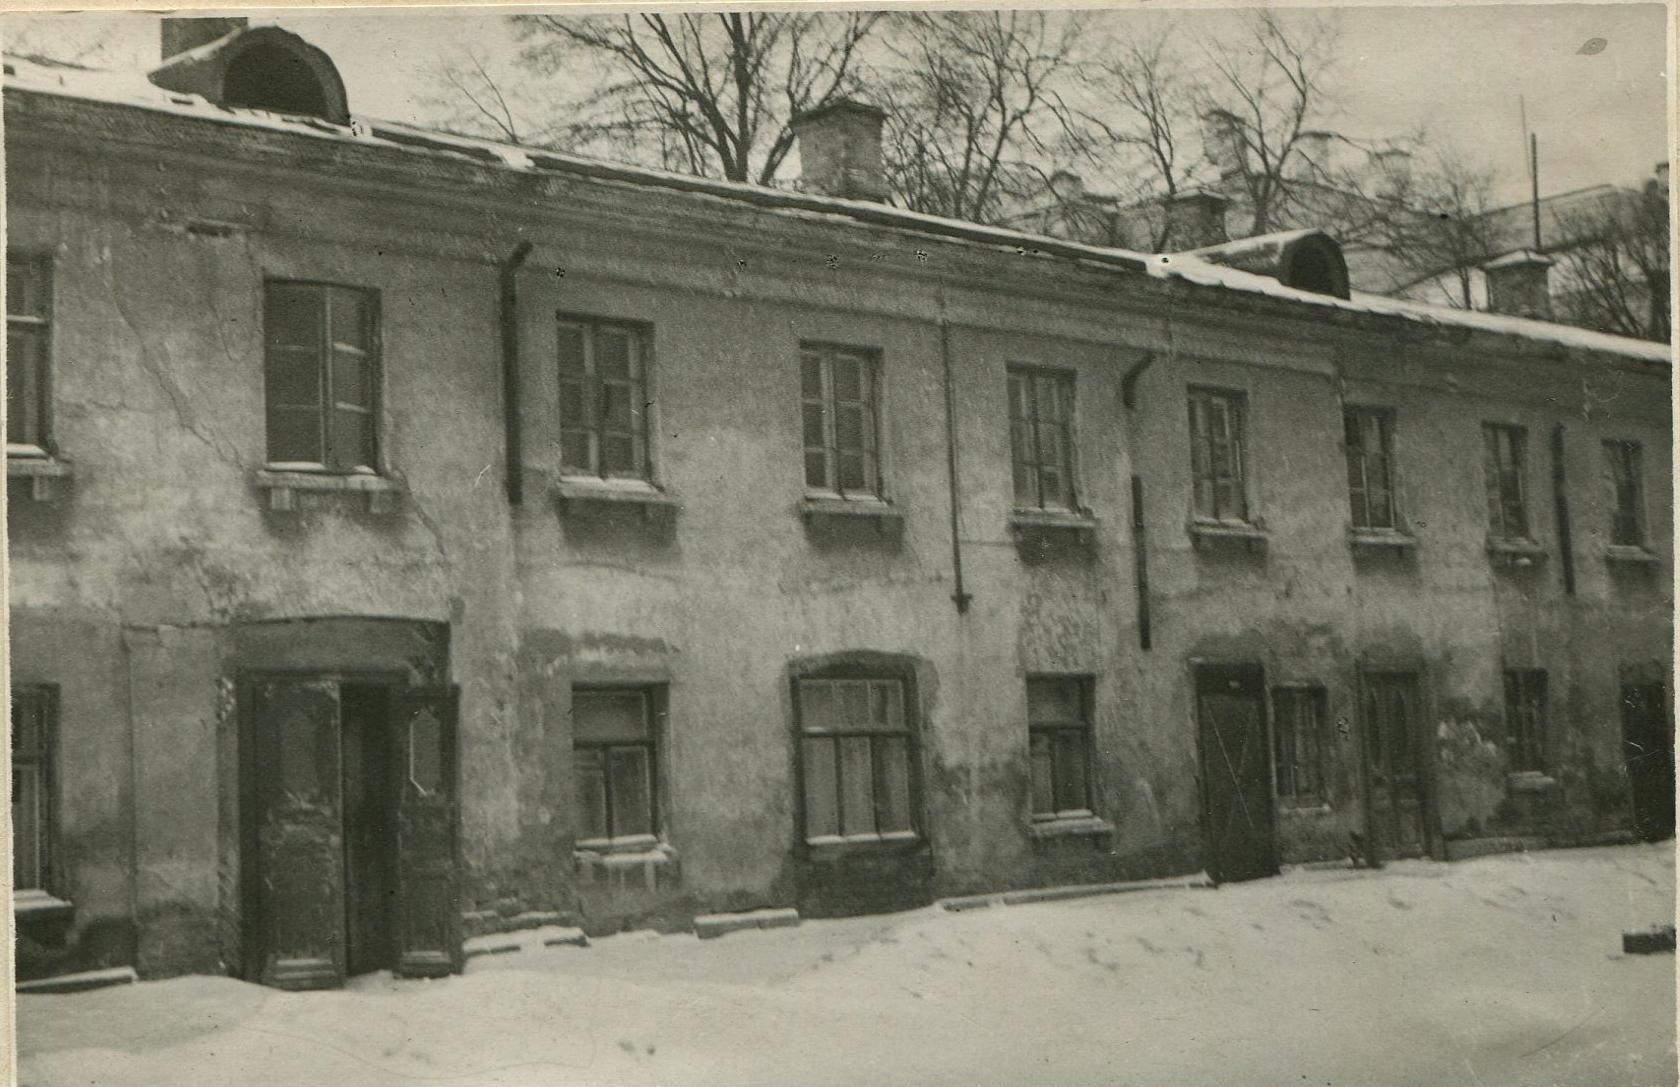 Дом № 14 на Волхонке, в кв. 14 которого обитал художник Василий Алексеевич Ватагин